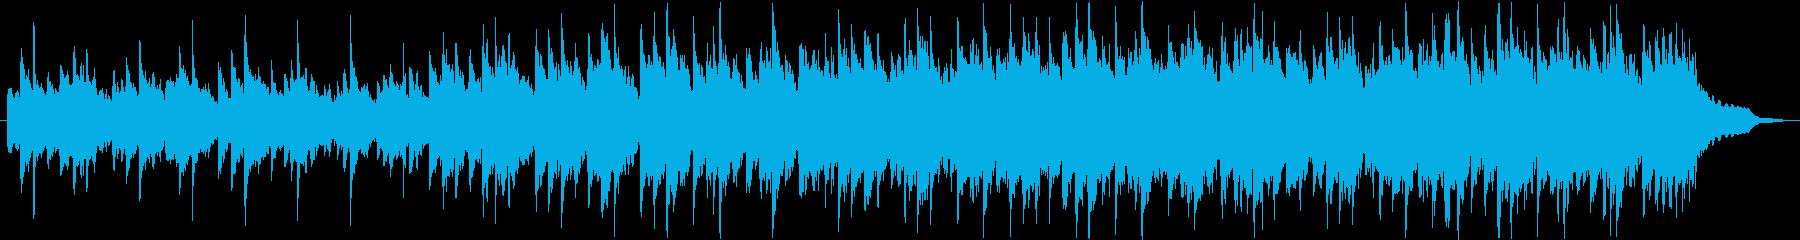 温かい雰囲気のBGM(15ver)の再生済みの波形